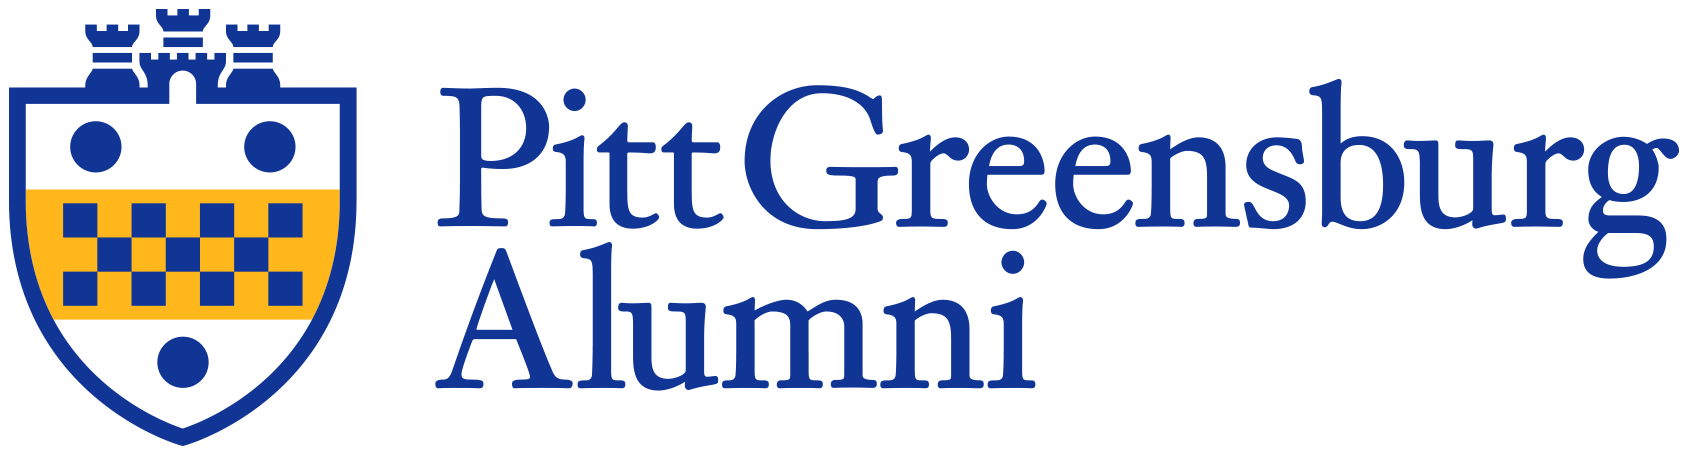 Pitt-Greensburg Alumni logo